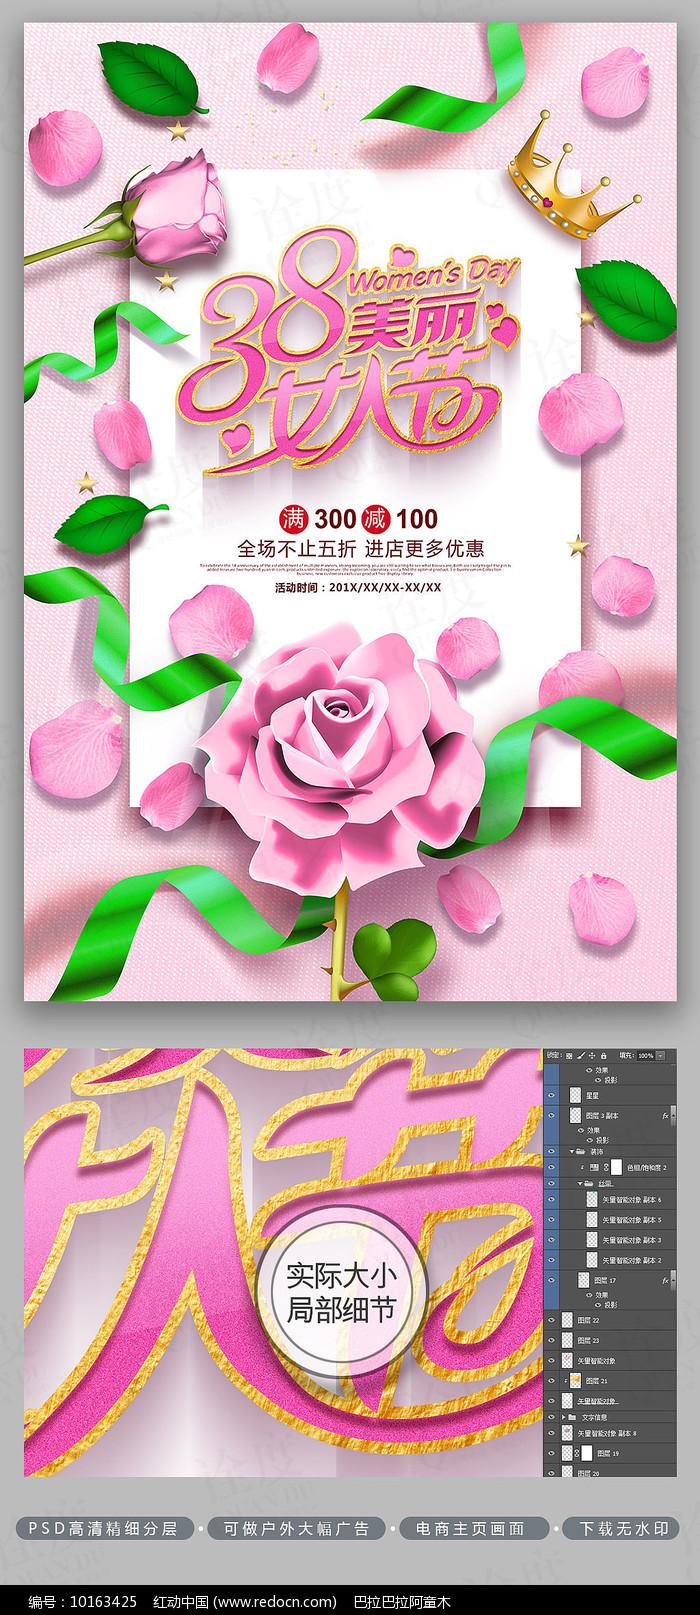 唯美美丽女人节三八妇女节海报图片